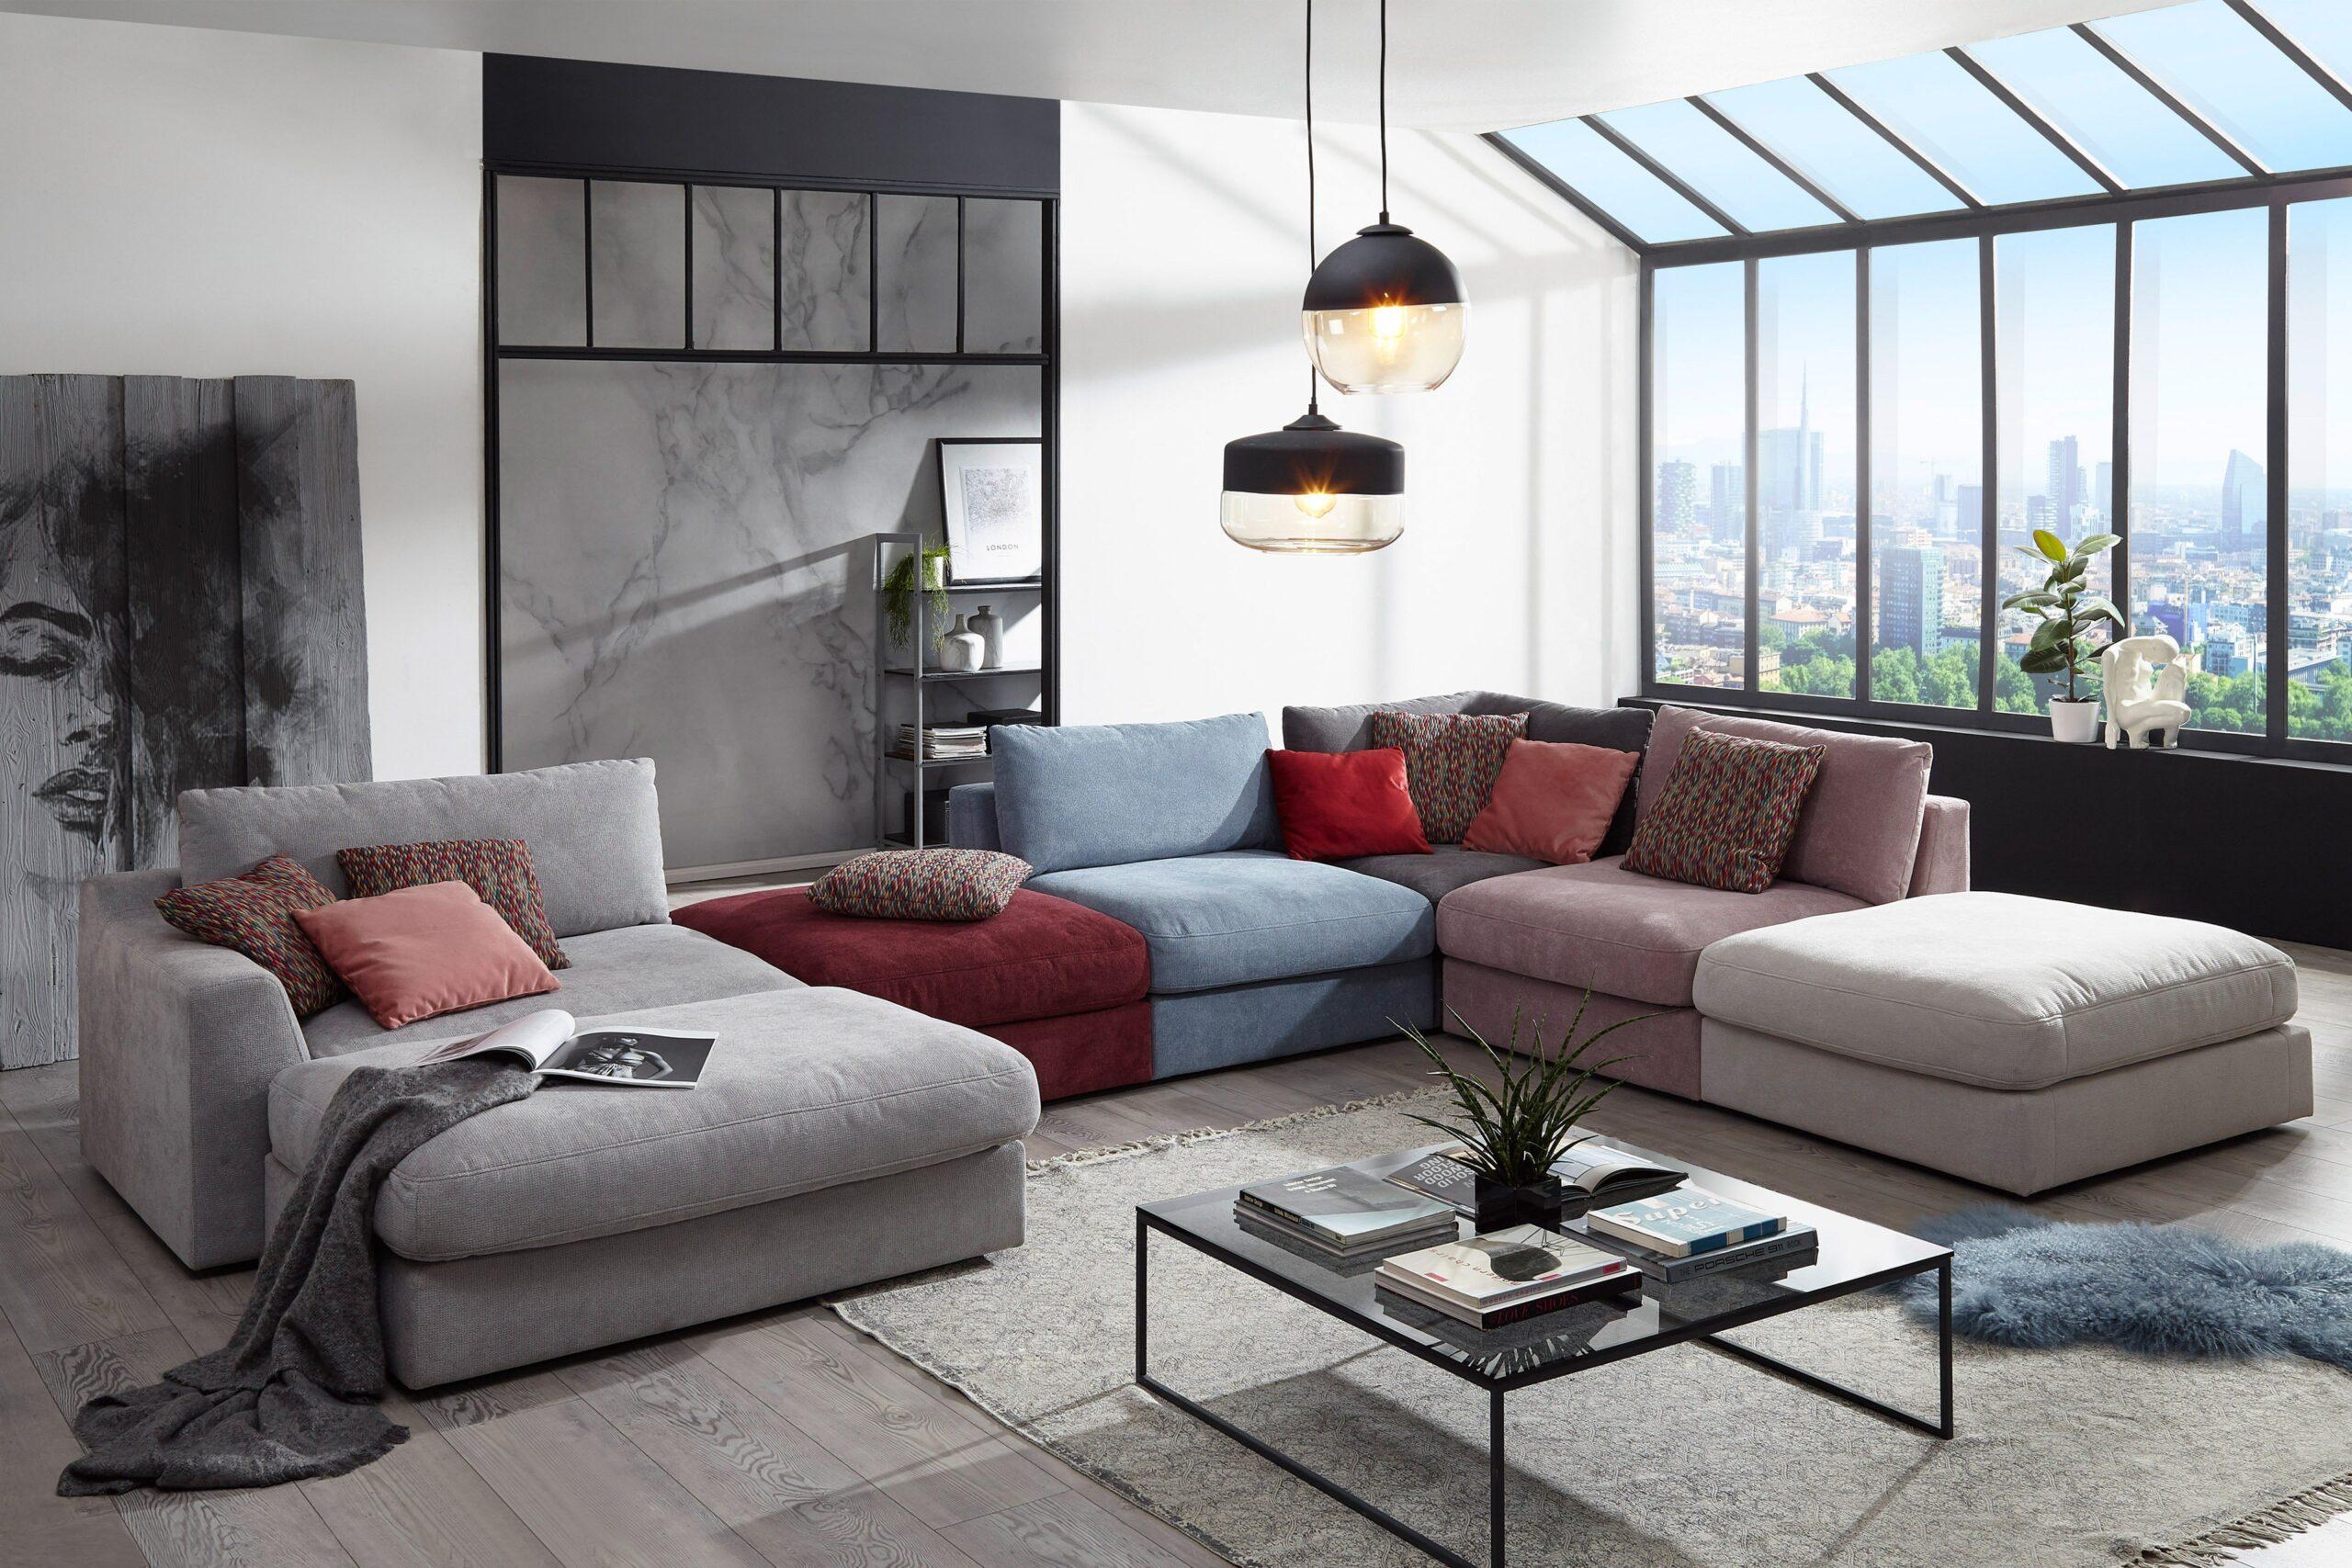 Full Size of Sit More Fuego Couch Bunt Mbel Letz Ihr Online Shop Schillig Sofa L Form Englisches Lagerverkauf Tom Tailor Spannbezug Blau 2 Sitzer Kissen Big Grau Sofa Indomo Sofa